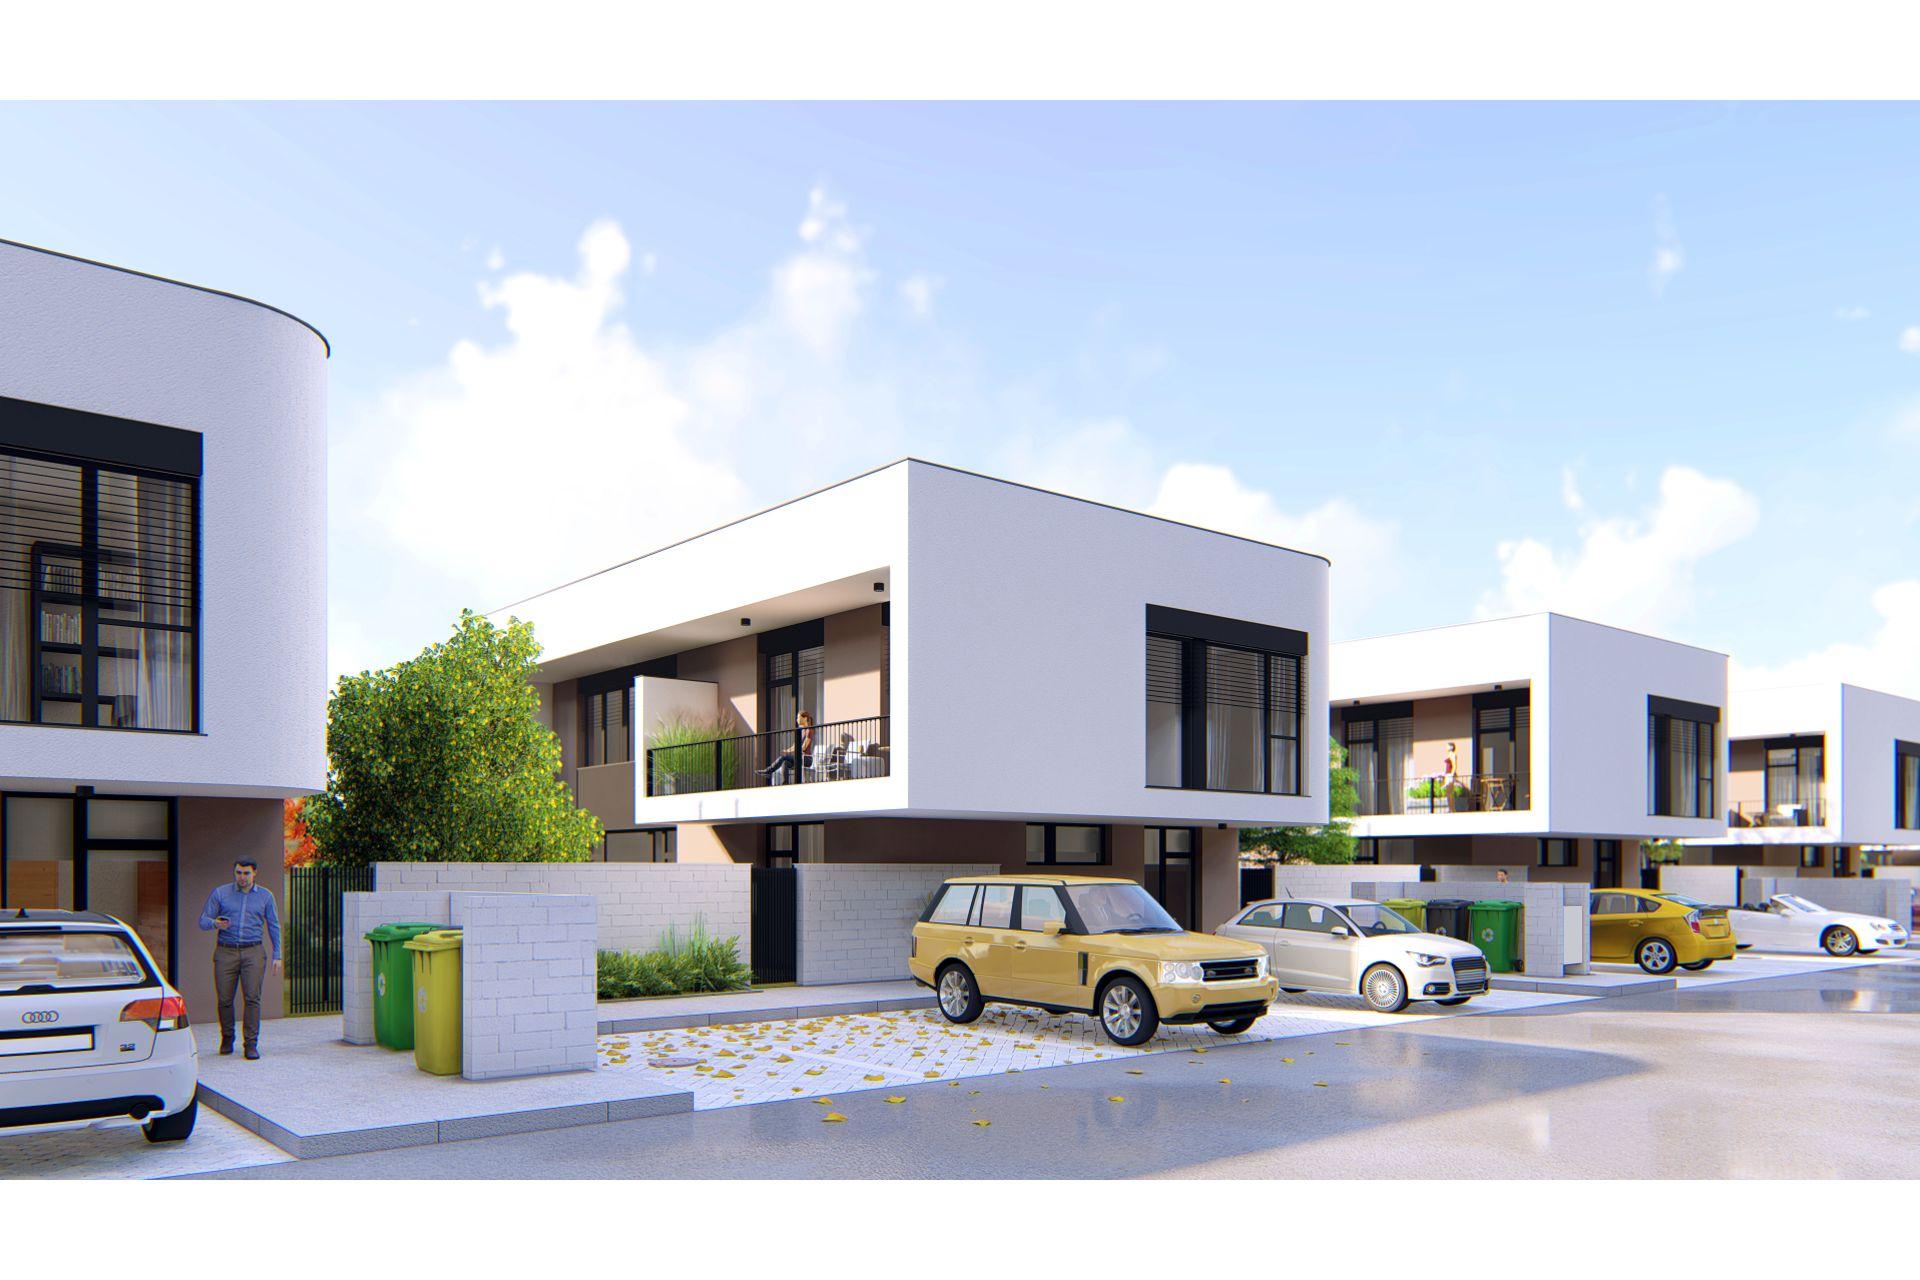 projekt Čierna Voda - 2 izby, záhrada, parkovanie